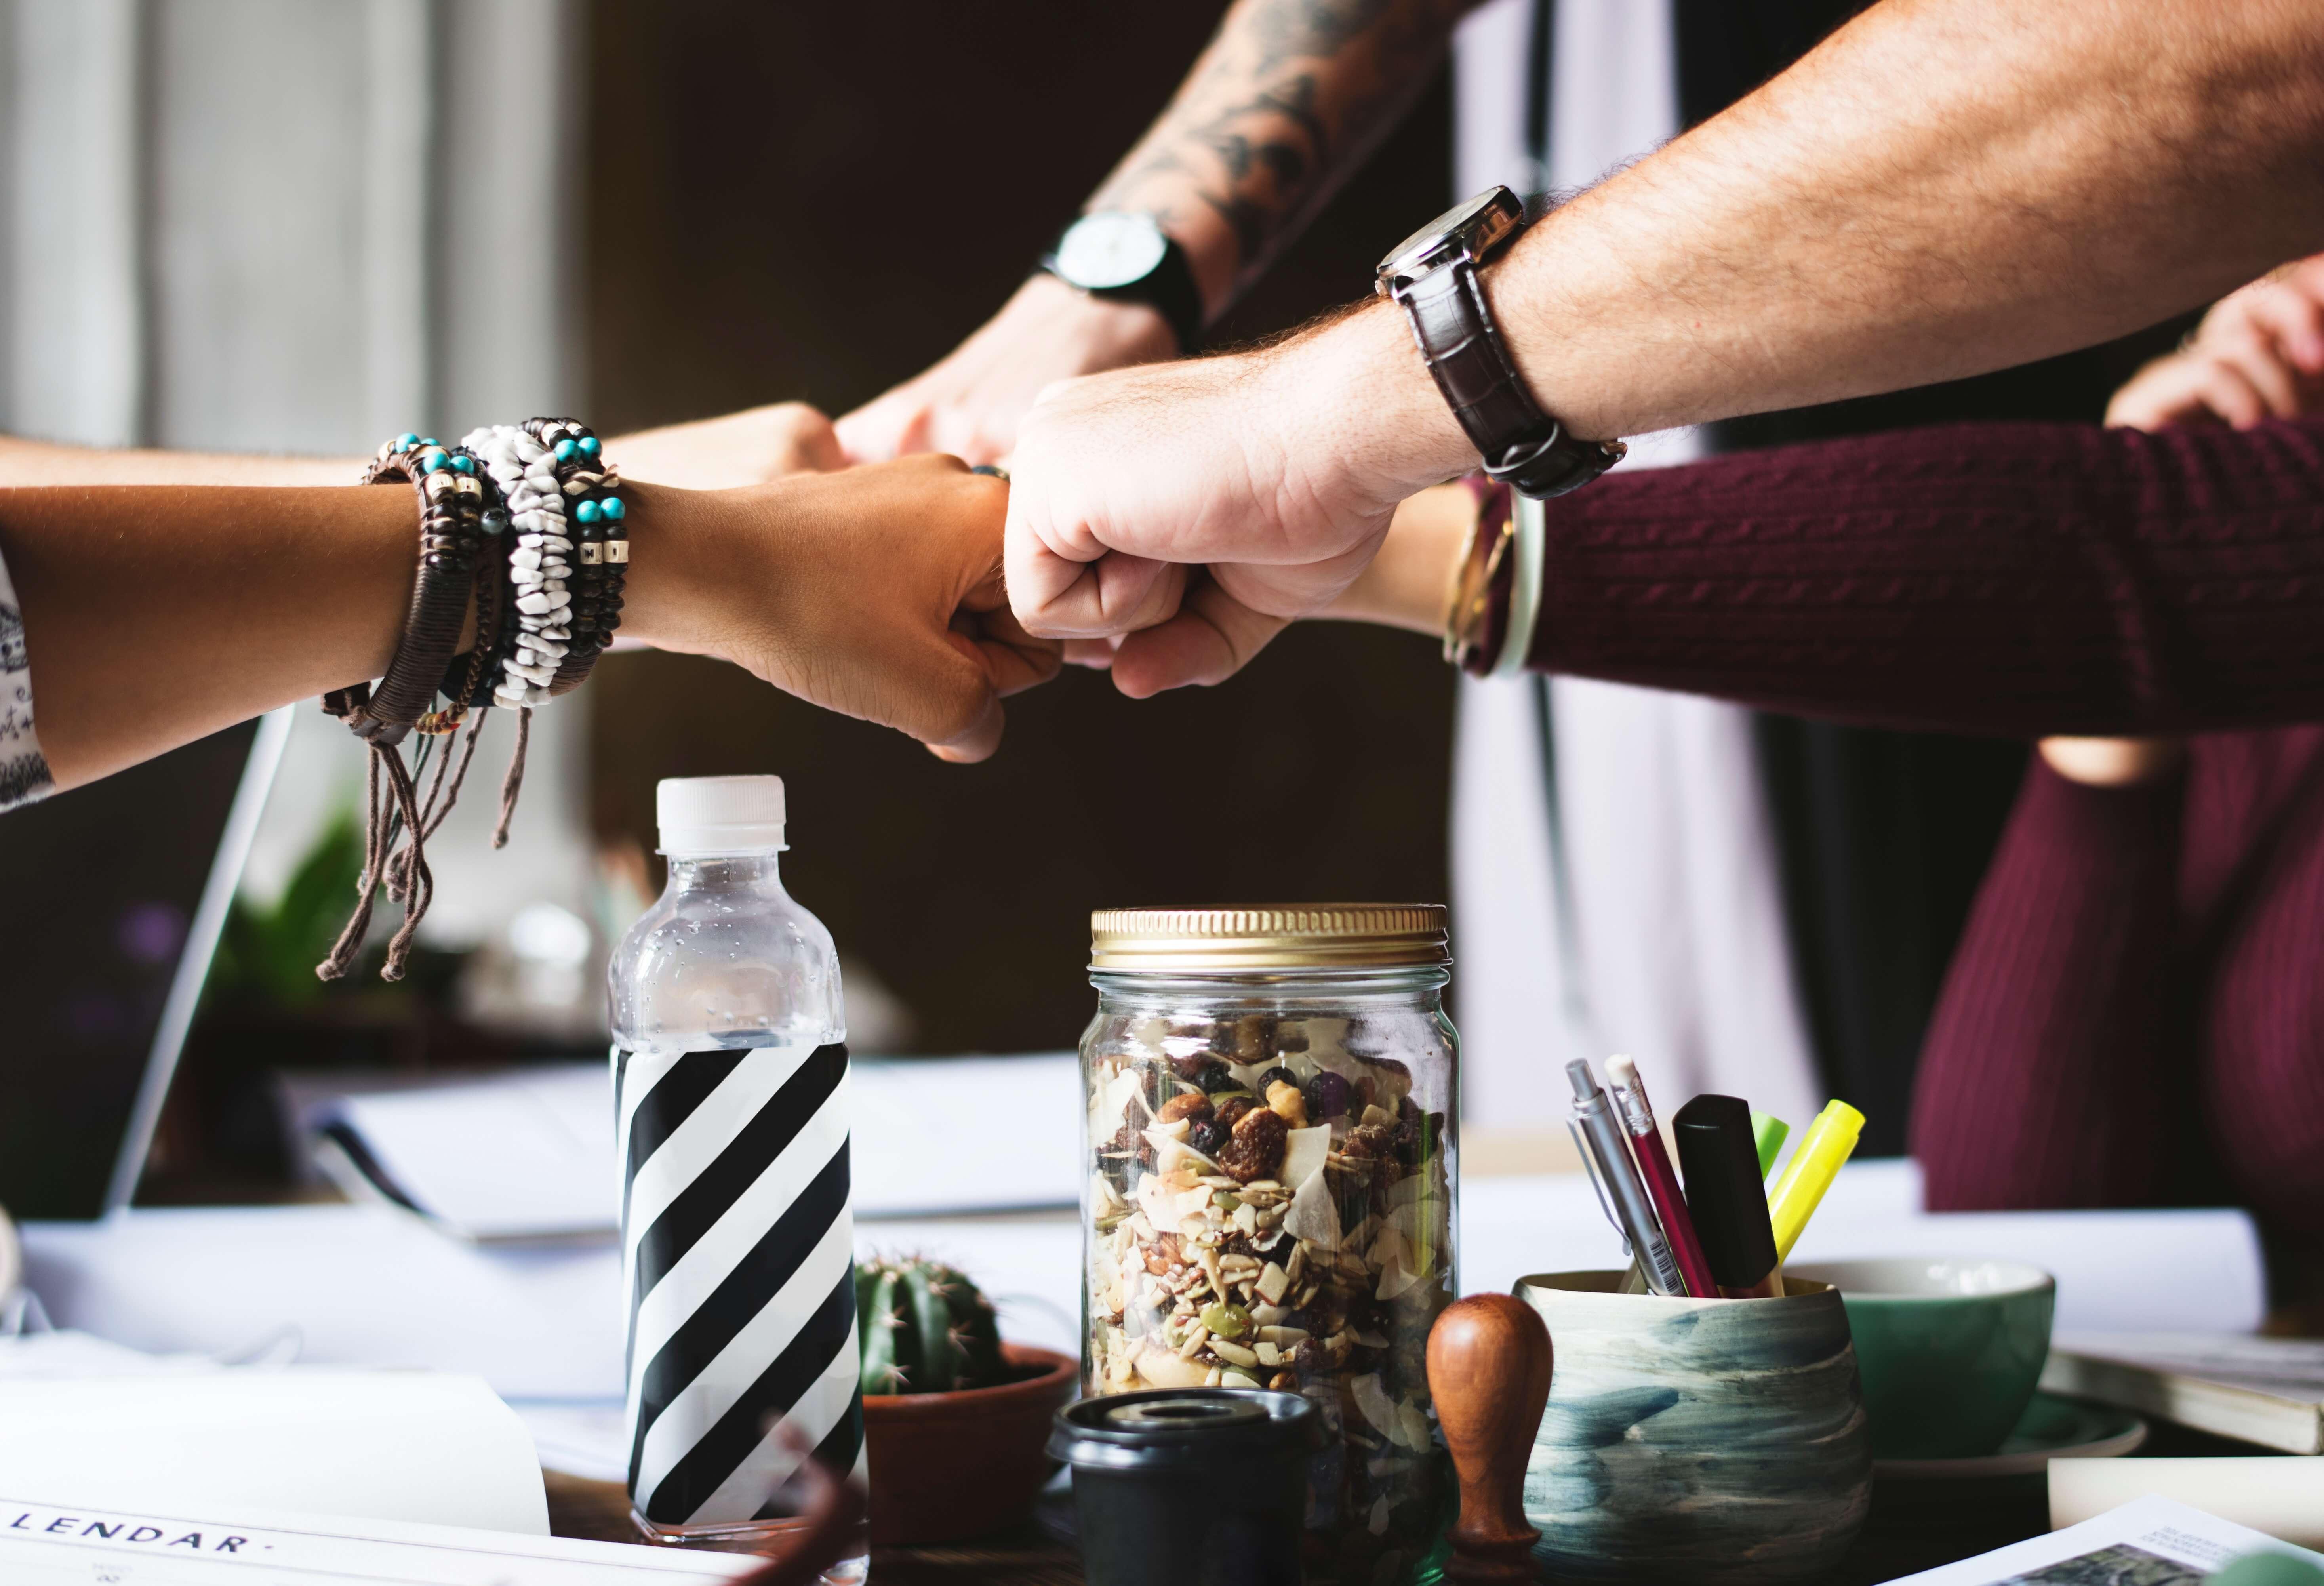 Kooperation im digitalen Zeitalter - Konkurrenz(-denken) ade